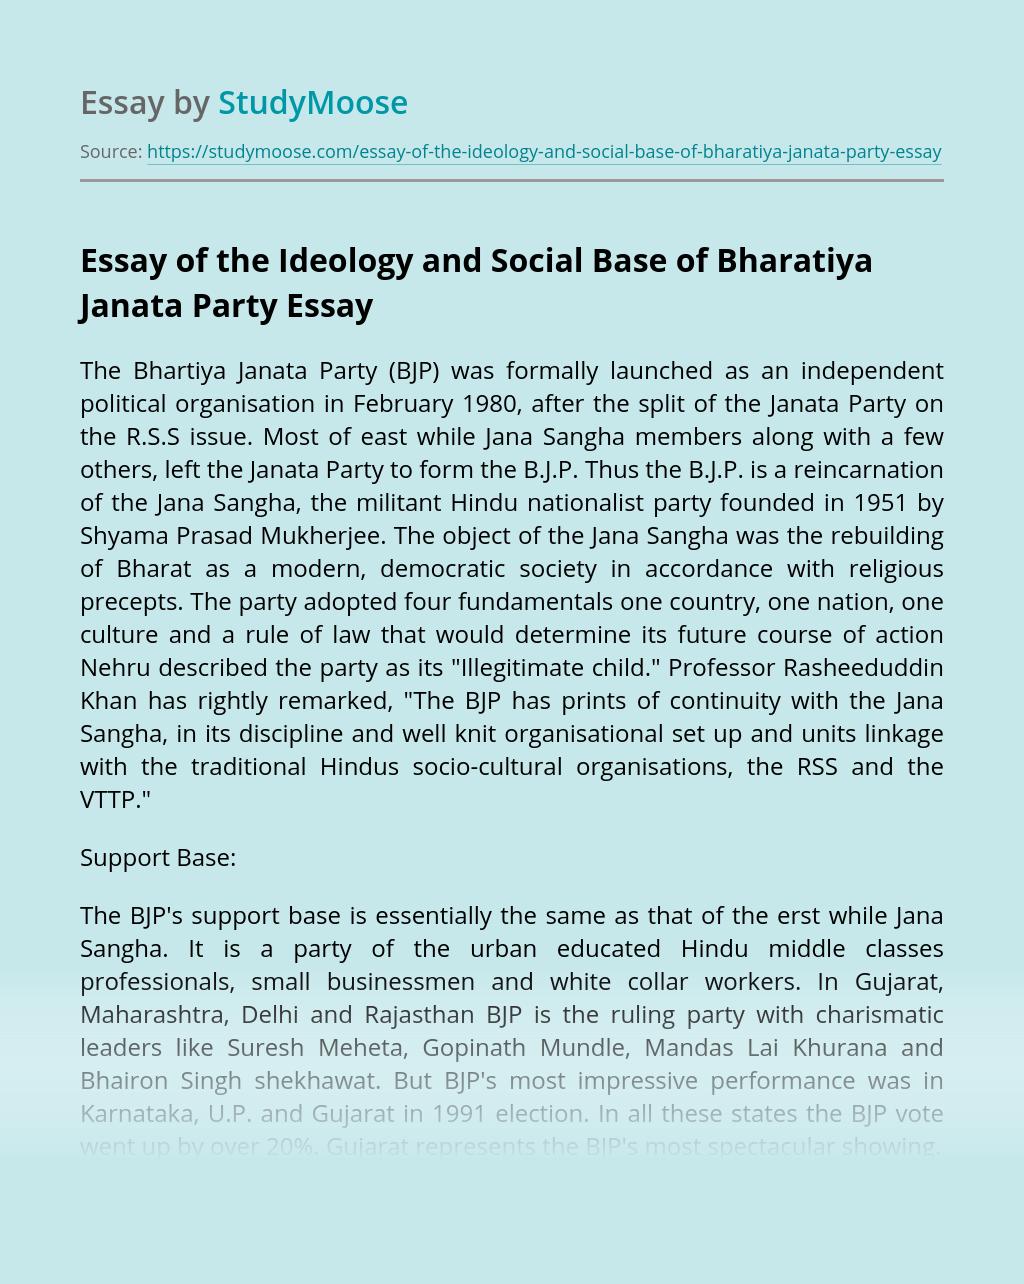 Essay of the Ideology and Social Base of Bharatiya Janata Party